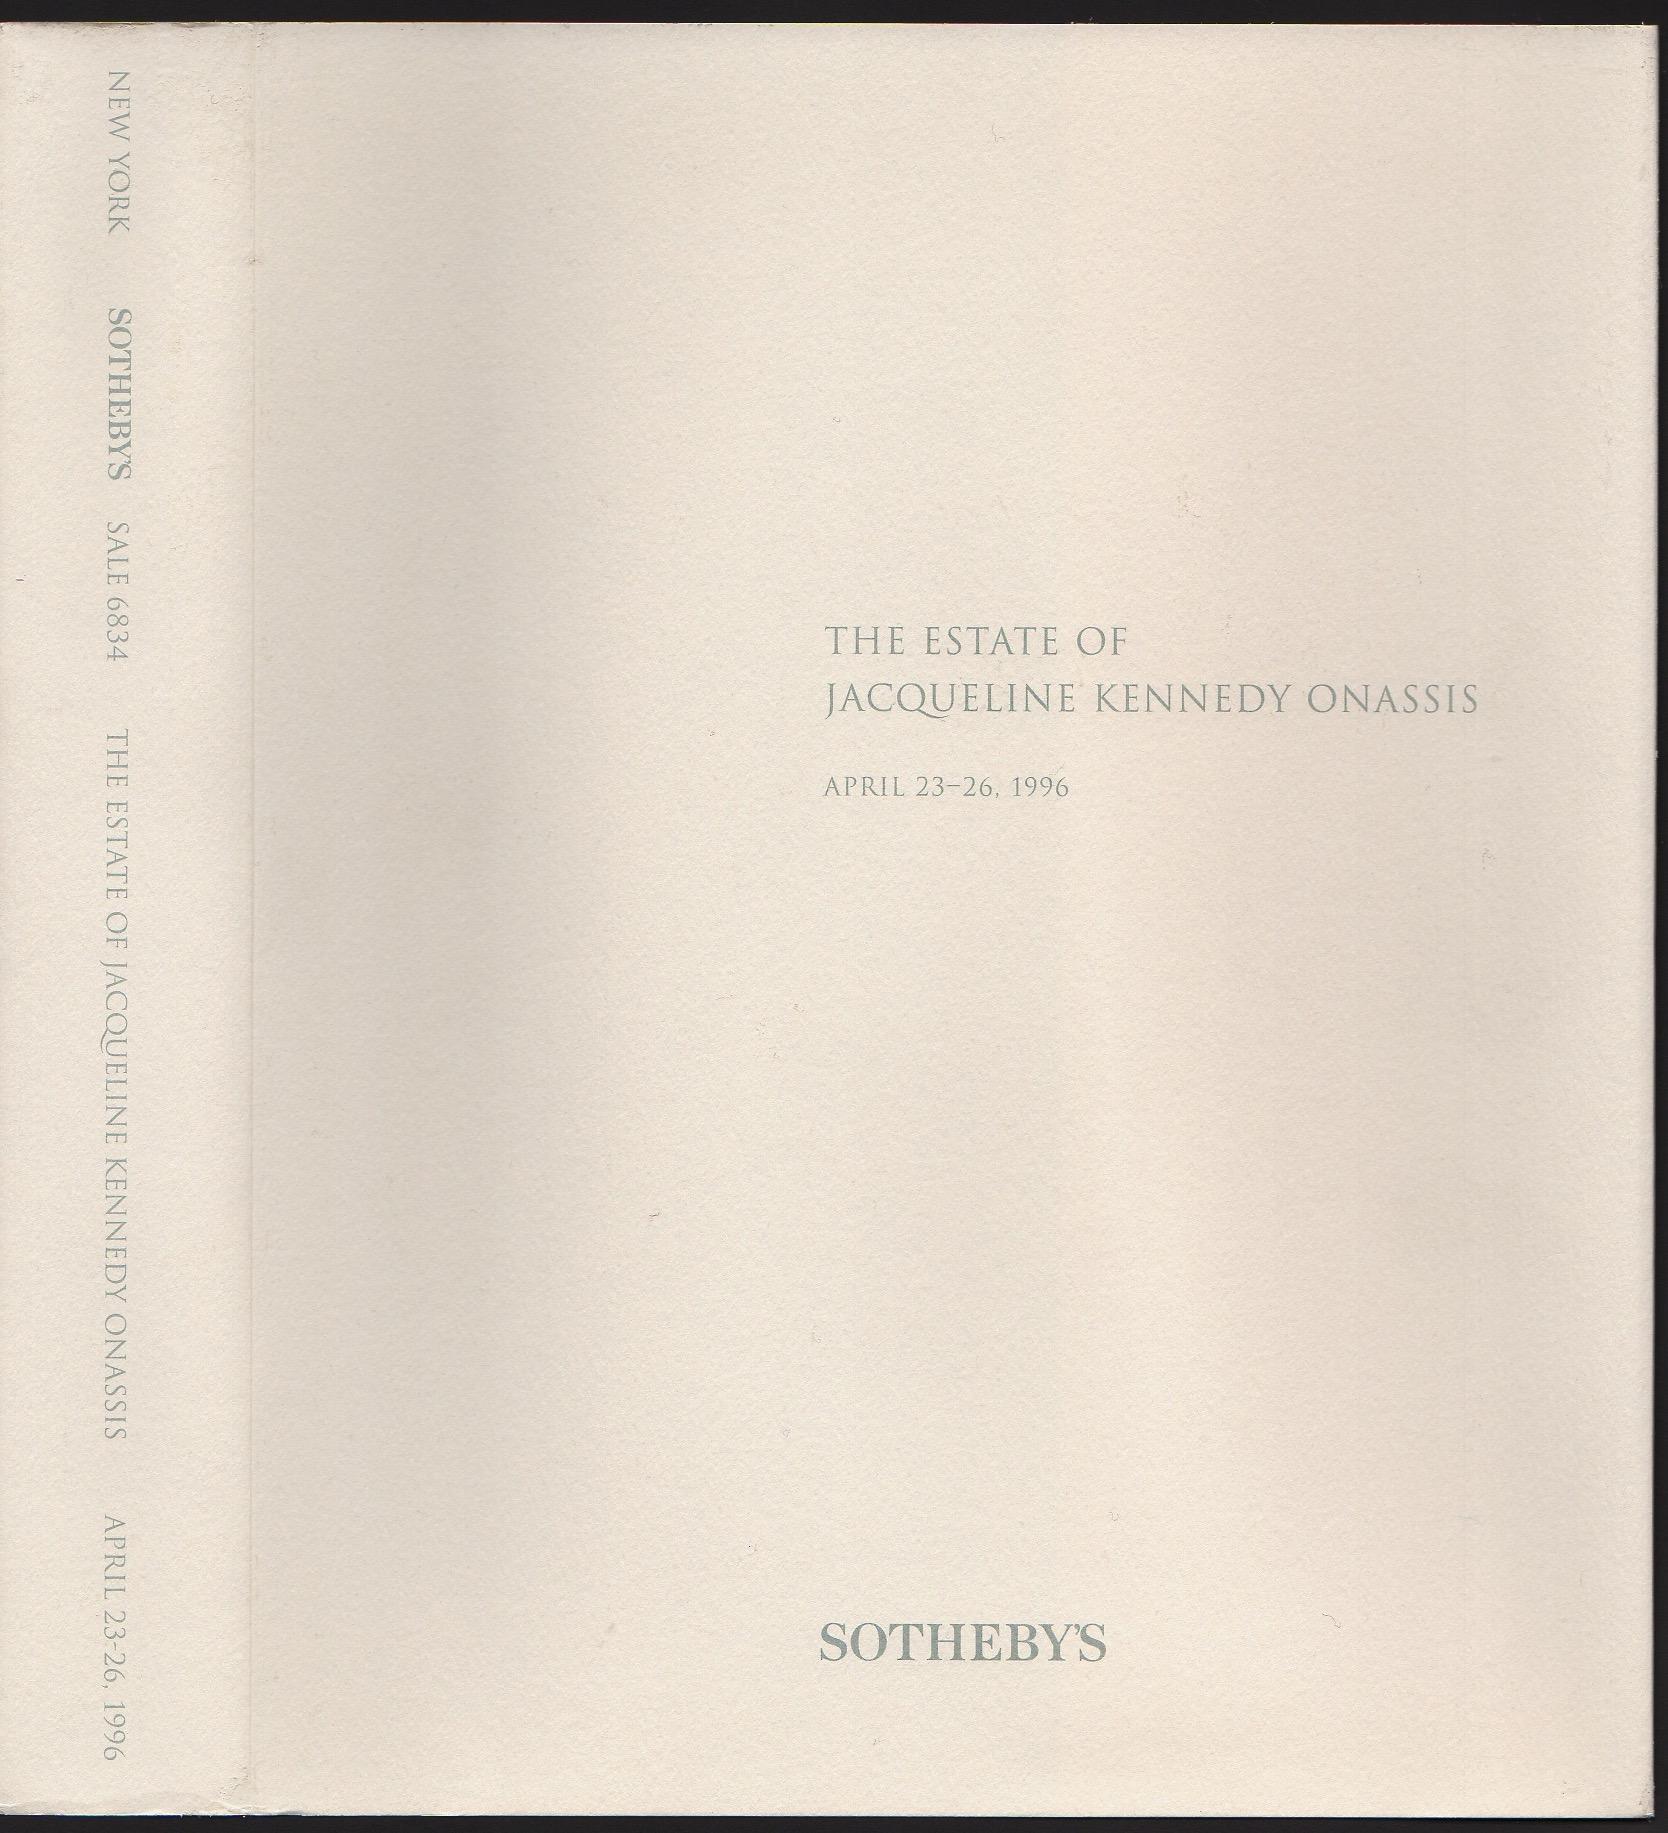 The Estate of Jacqueline Kennedy Onassis April 23-26 1996 Sothebys Hardback pages 584 - Image 10 of 10